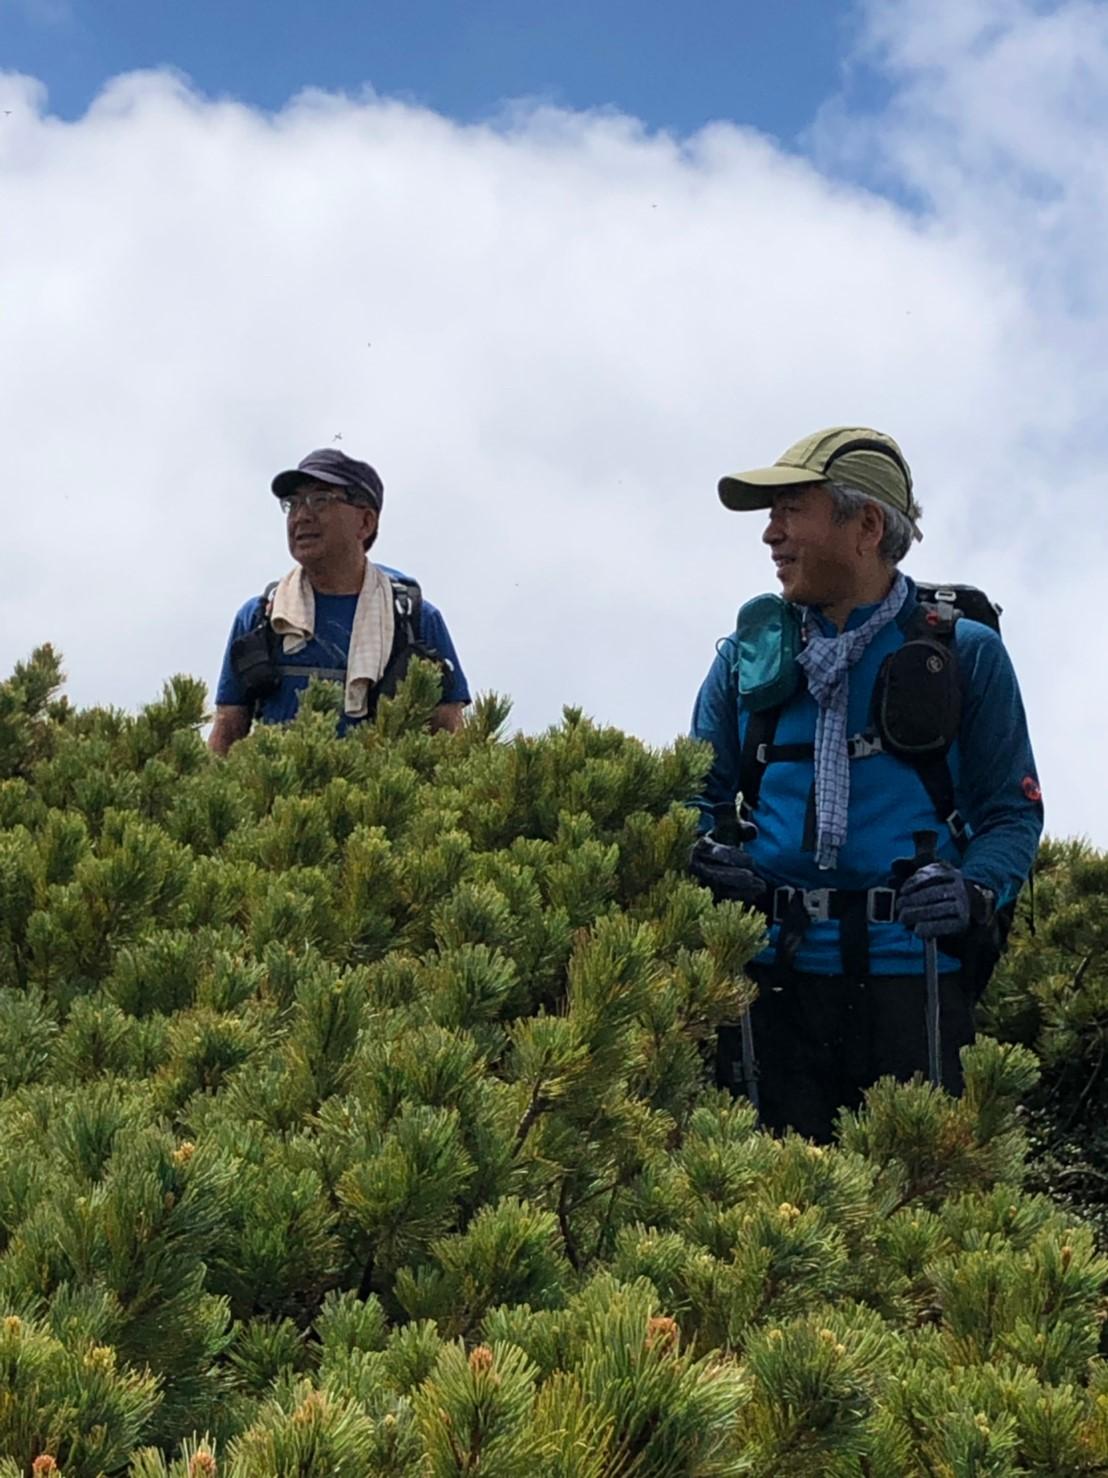 富良野岳、三峰山と上富良野岳、2019.6.24ー同行者からの写真ー_f0138096_23445715.jpg